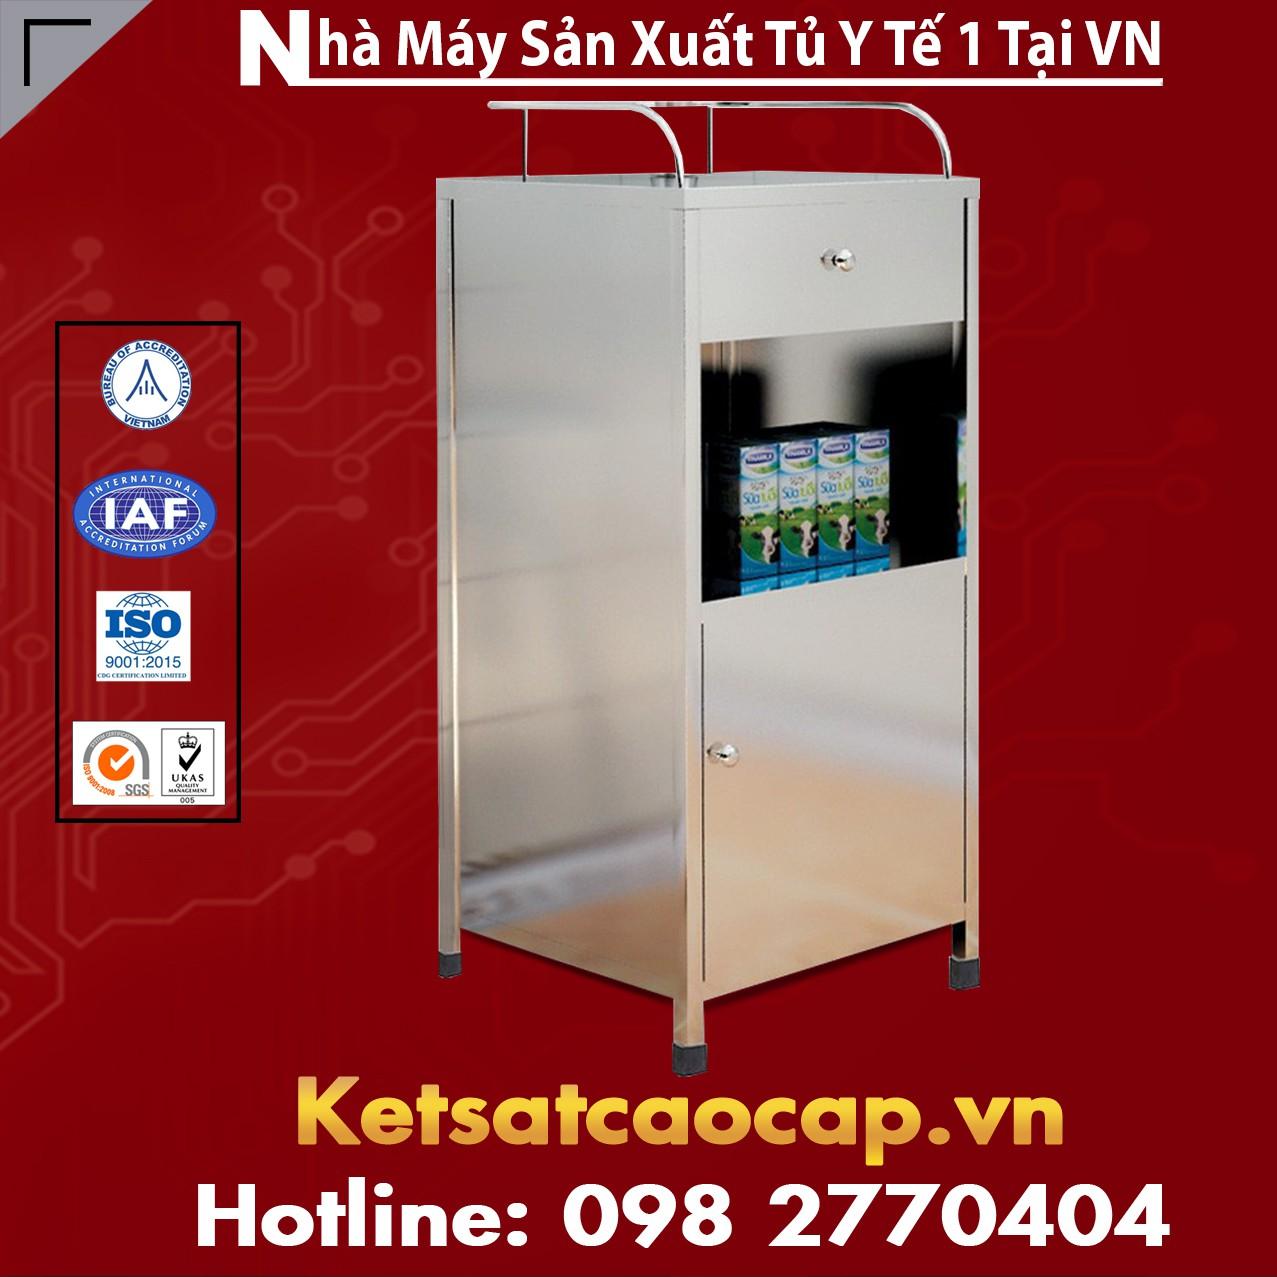 Tủ y tế bệnh viện BEMC - TYT01